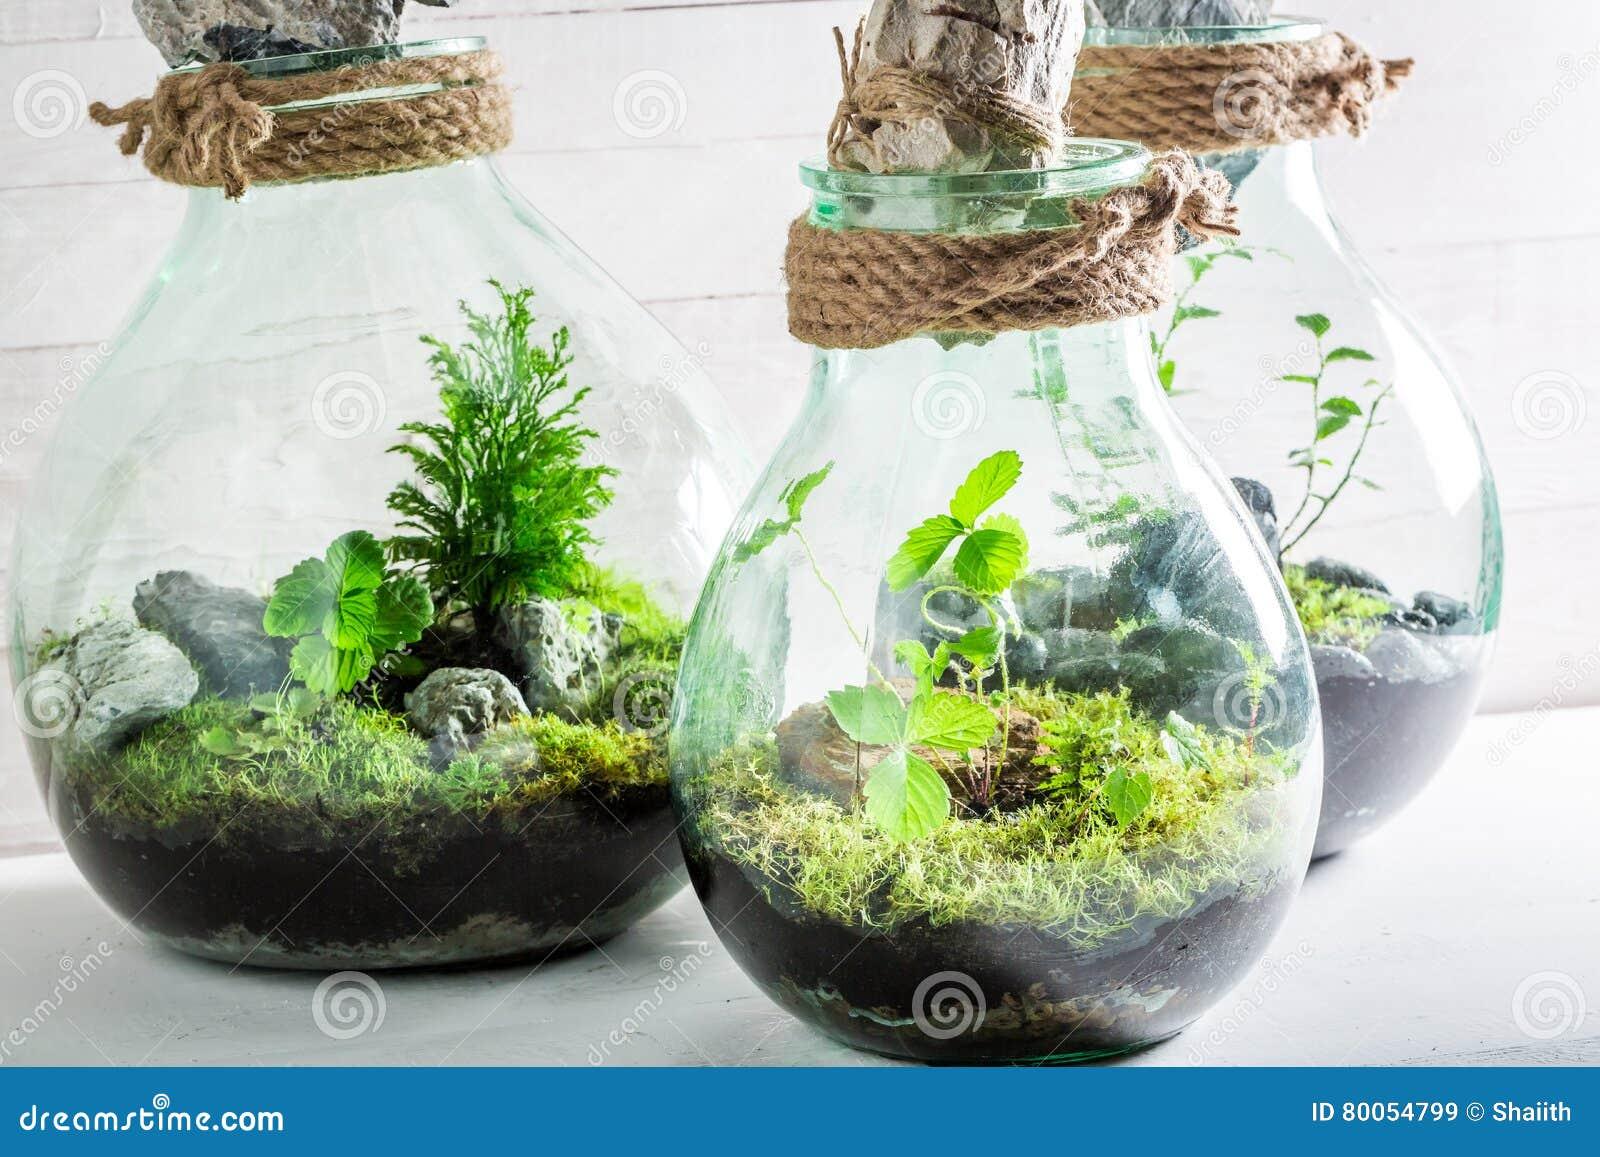 erstaunliche lebende pflanzen in einem glas mit selbst kosystem stockbild bild von blume. Black Bedroom Furniture Sets. Home Design Ideas